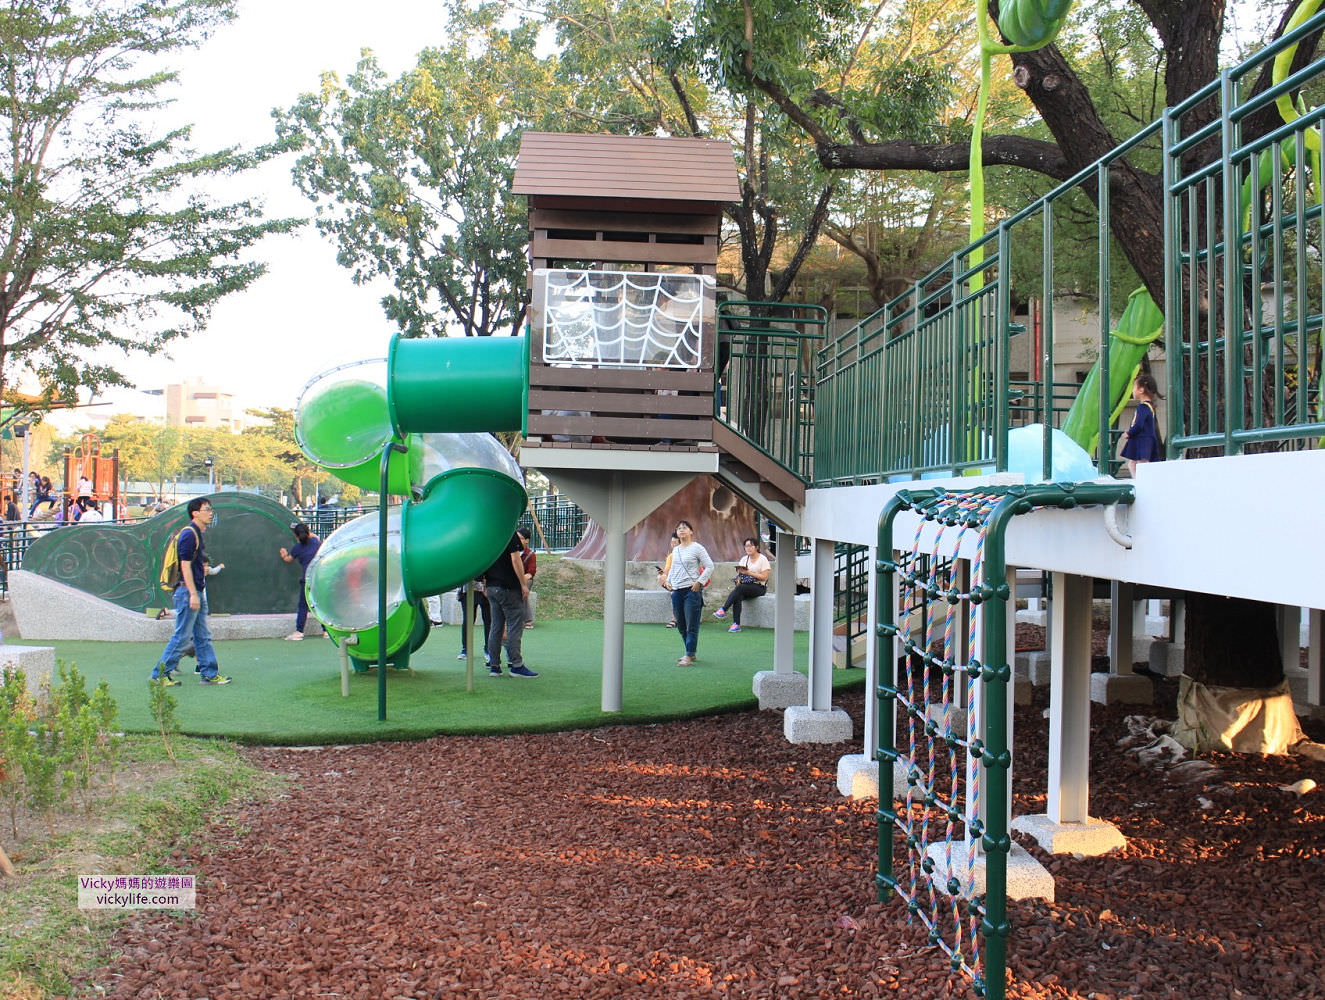 特色公園︱屏東親子景點︱和平公園:傑克樹屋、無障礙滑軌,超多第一的公園,好多孩子玩到天色暗還捨不得回家